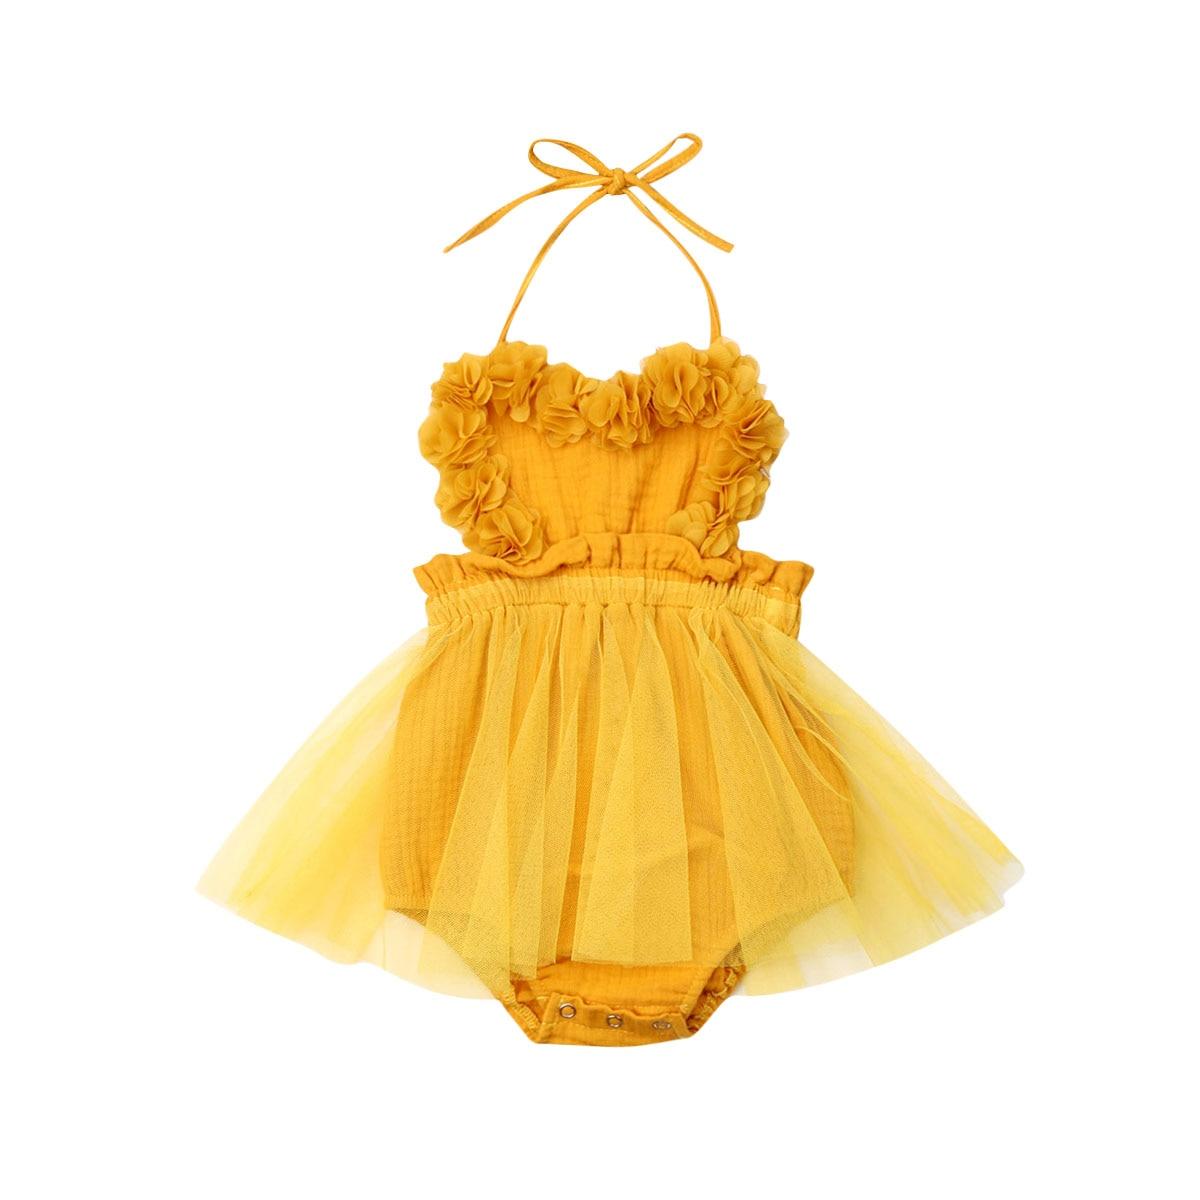 Mono de gasa para bebé niña recién nacido, vestido amarillo de encaje liso sin mangas con cinturón, trajes, ropa de verano